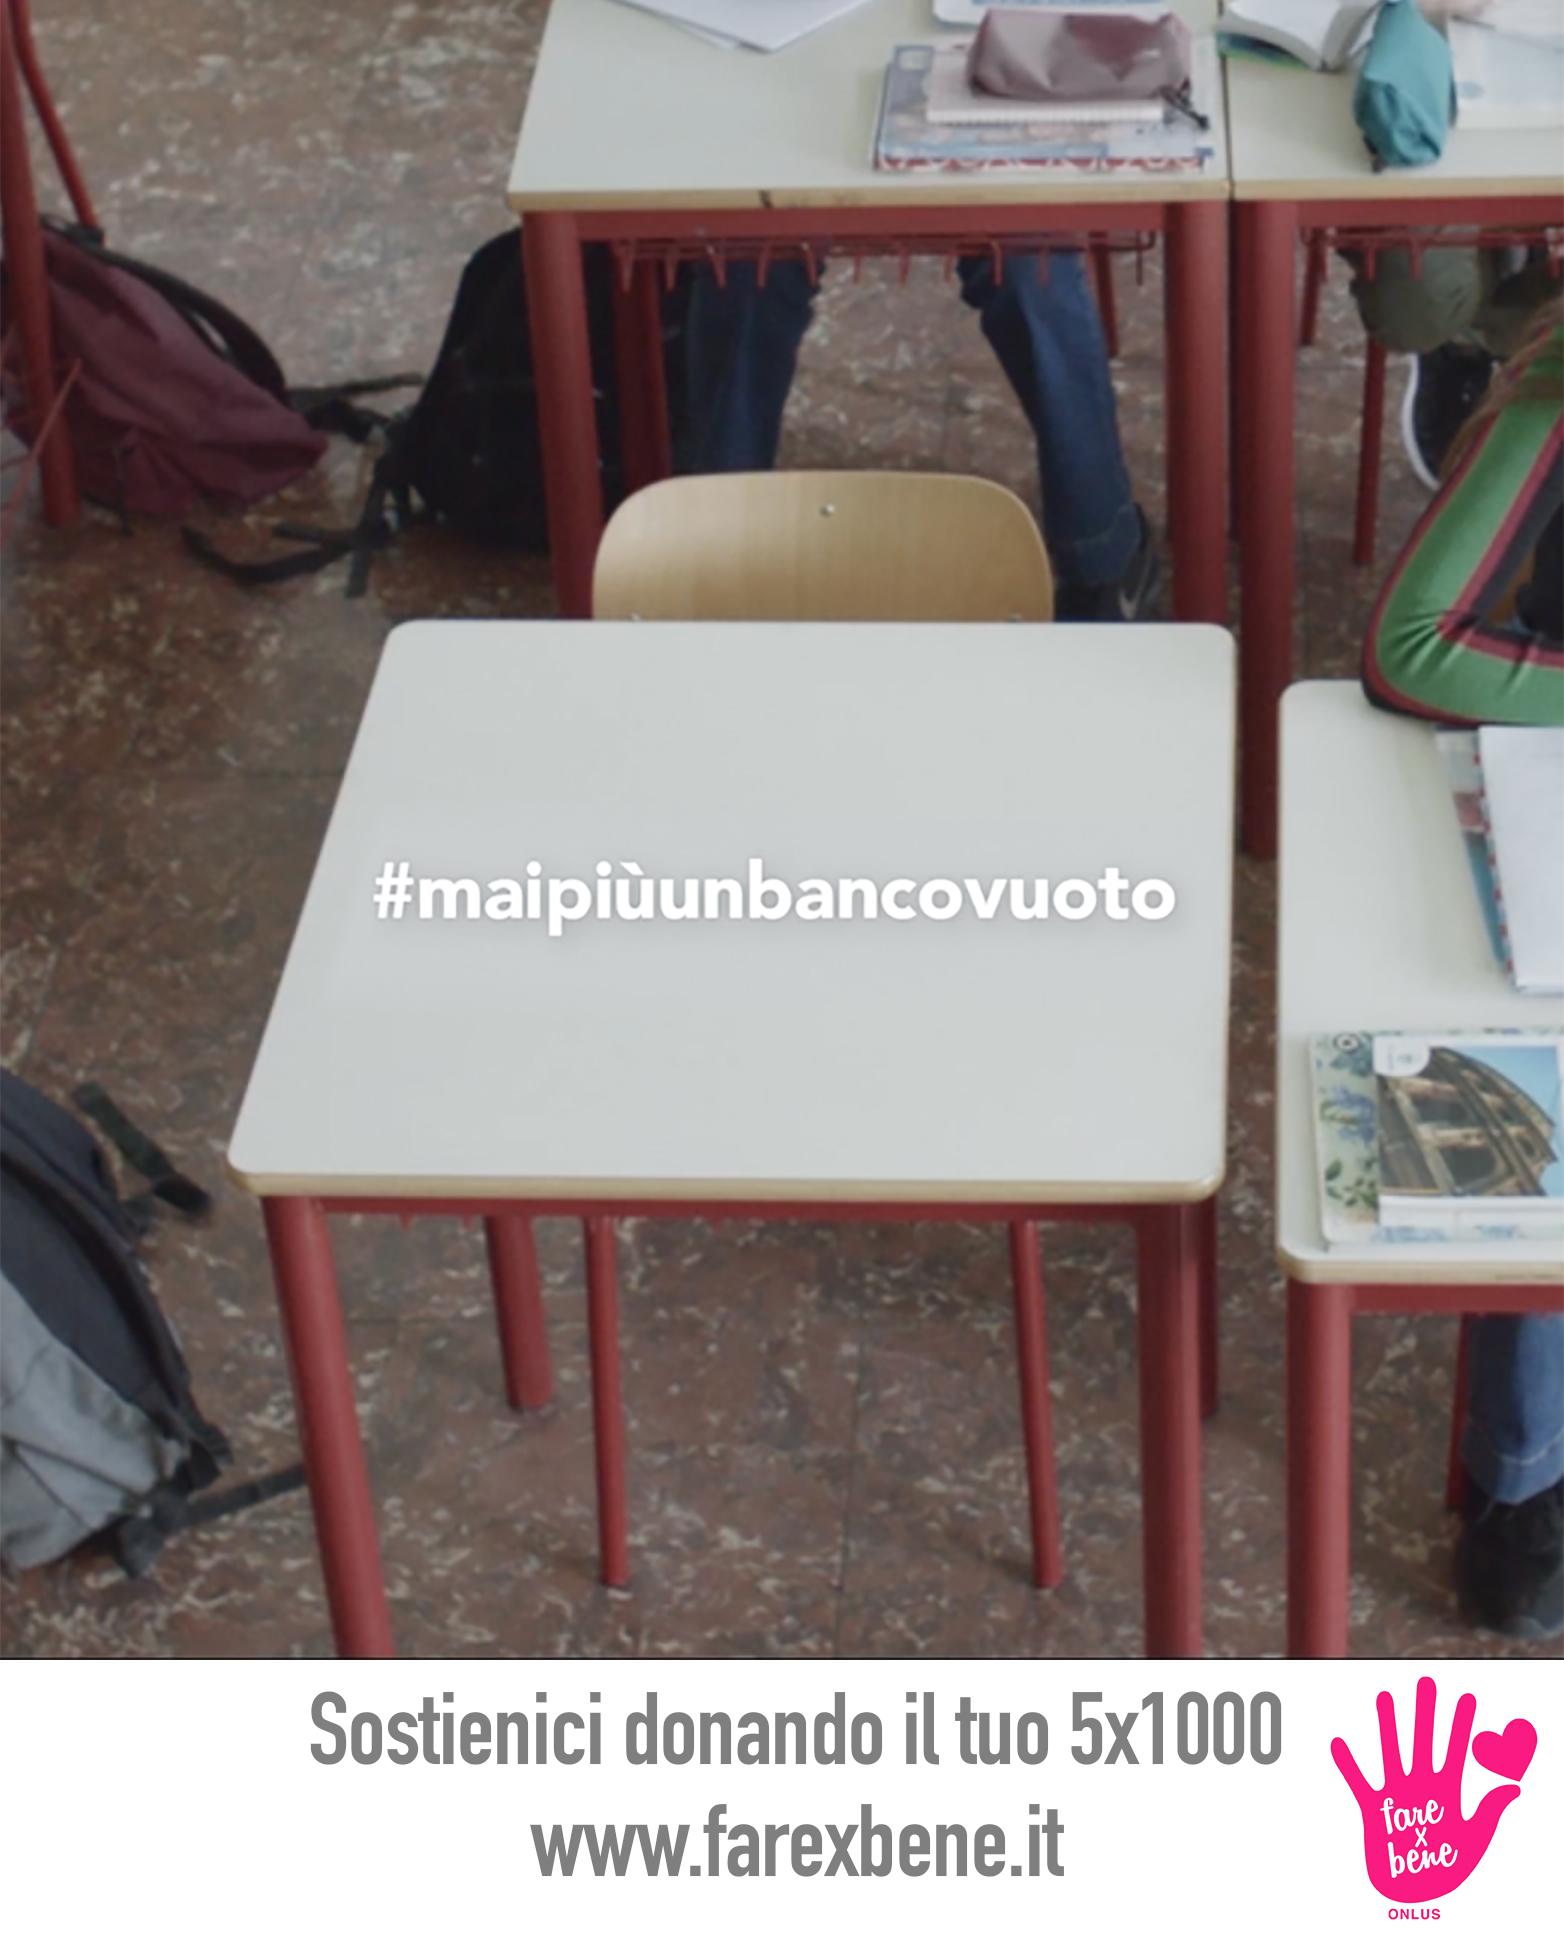 #maipiùunbancovuoto, la campagna di FARE X BENE Onlus contro il cyberbullismo